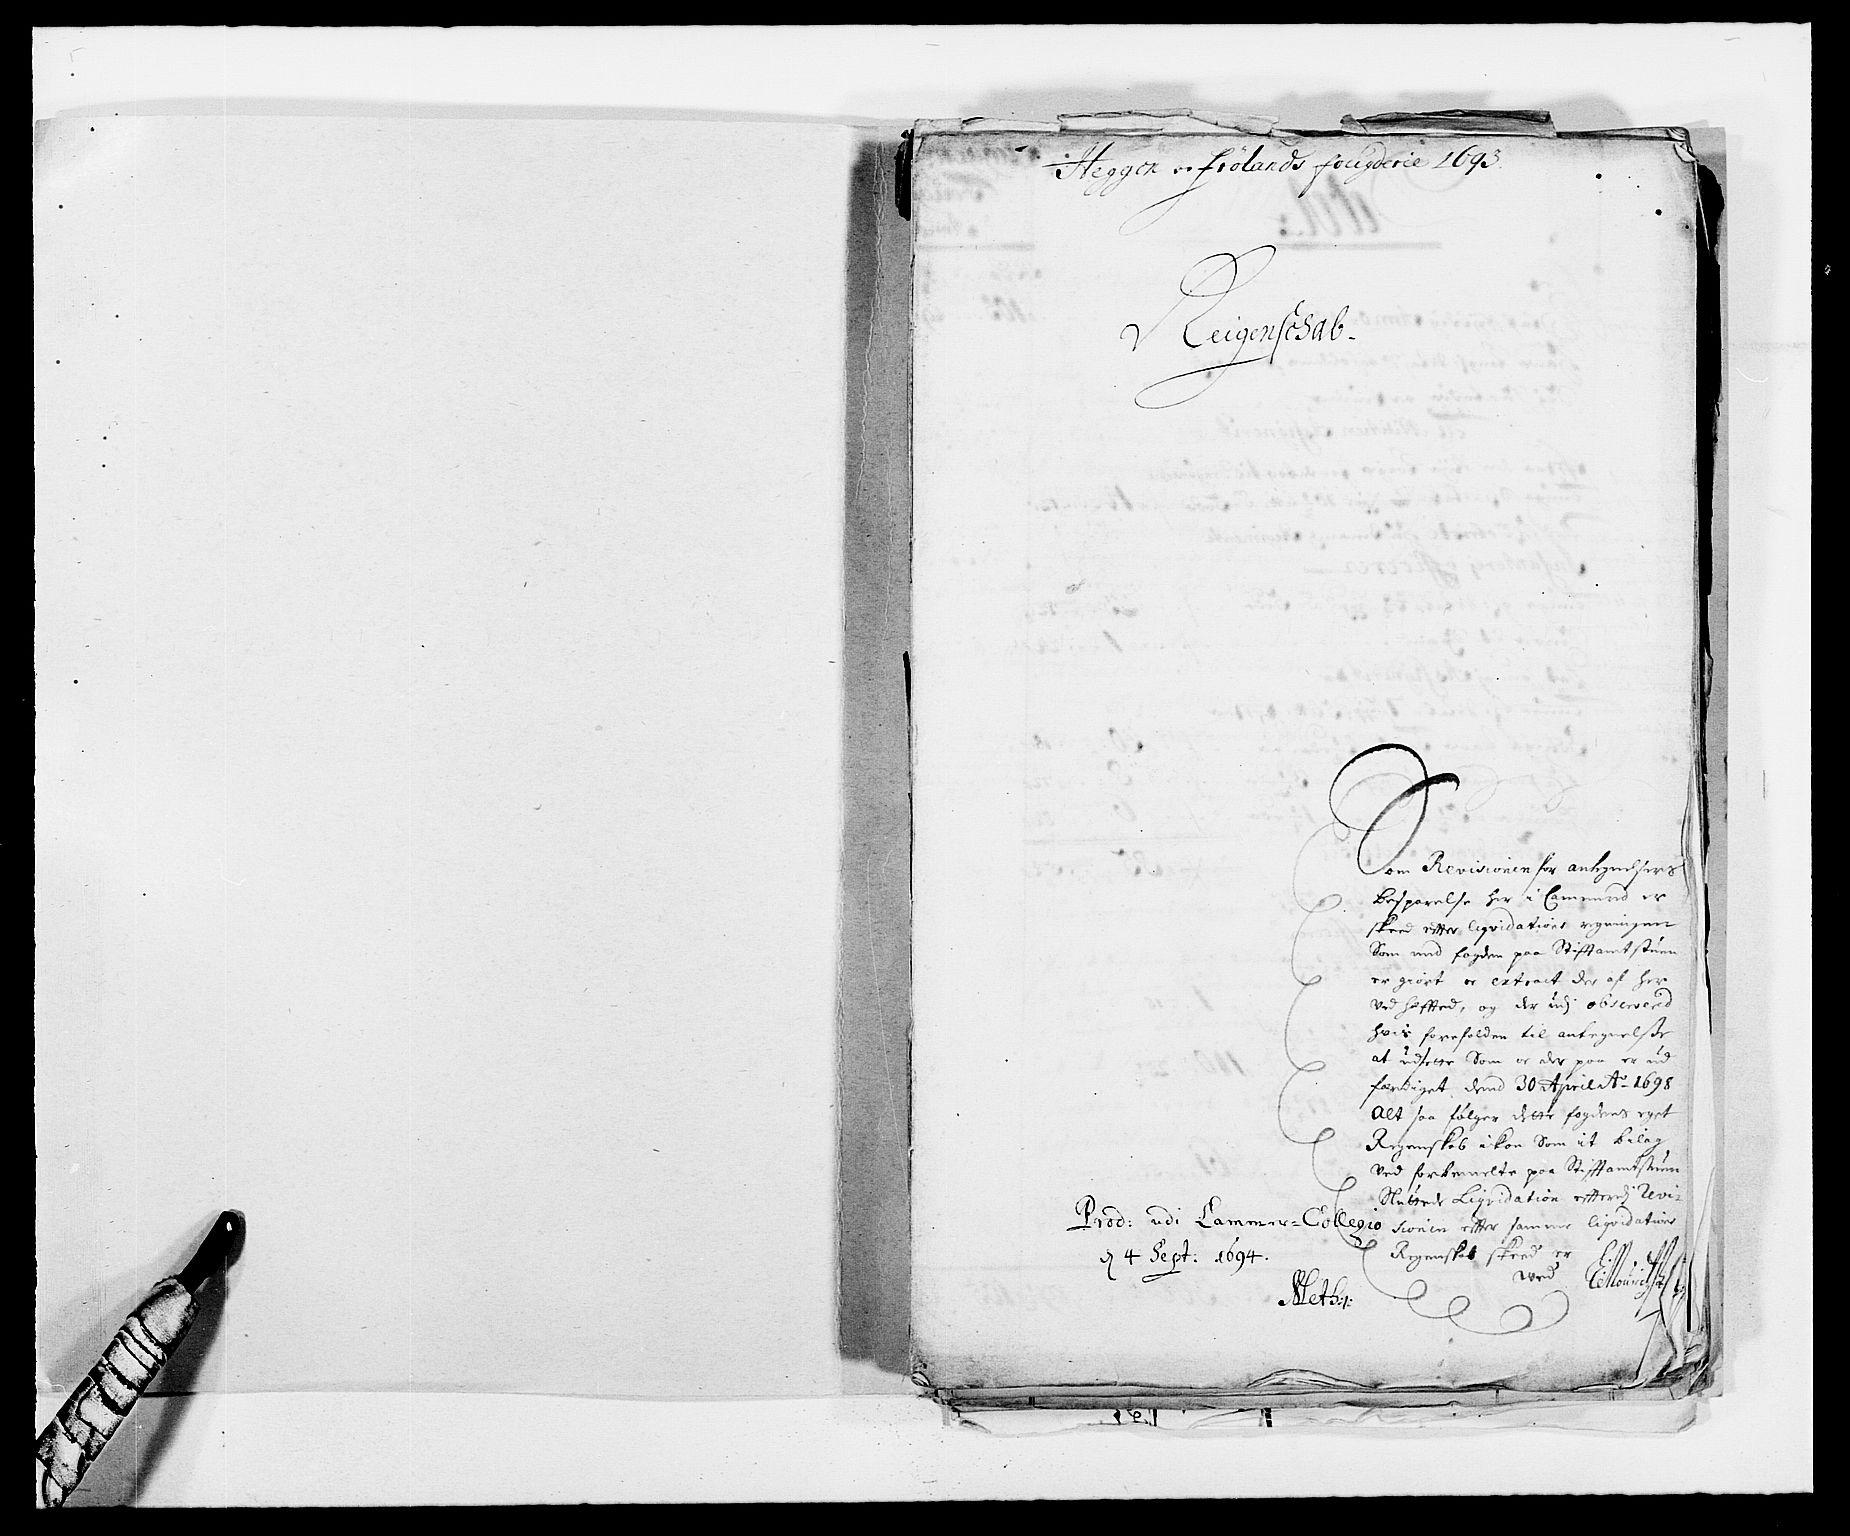 RA, Rentekammeret inntil 1814, Reviderte regnskaper, Fogderegnskap, R06/L0283: Fogderegnskap Heggen og Frøland, 1691-1693, s. 304